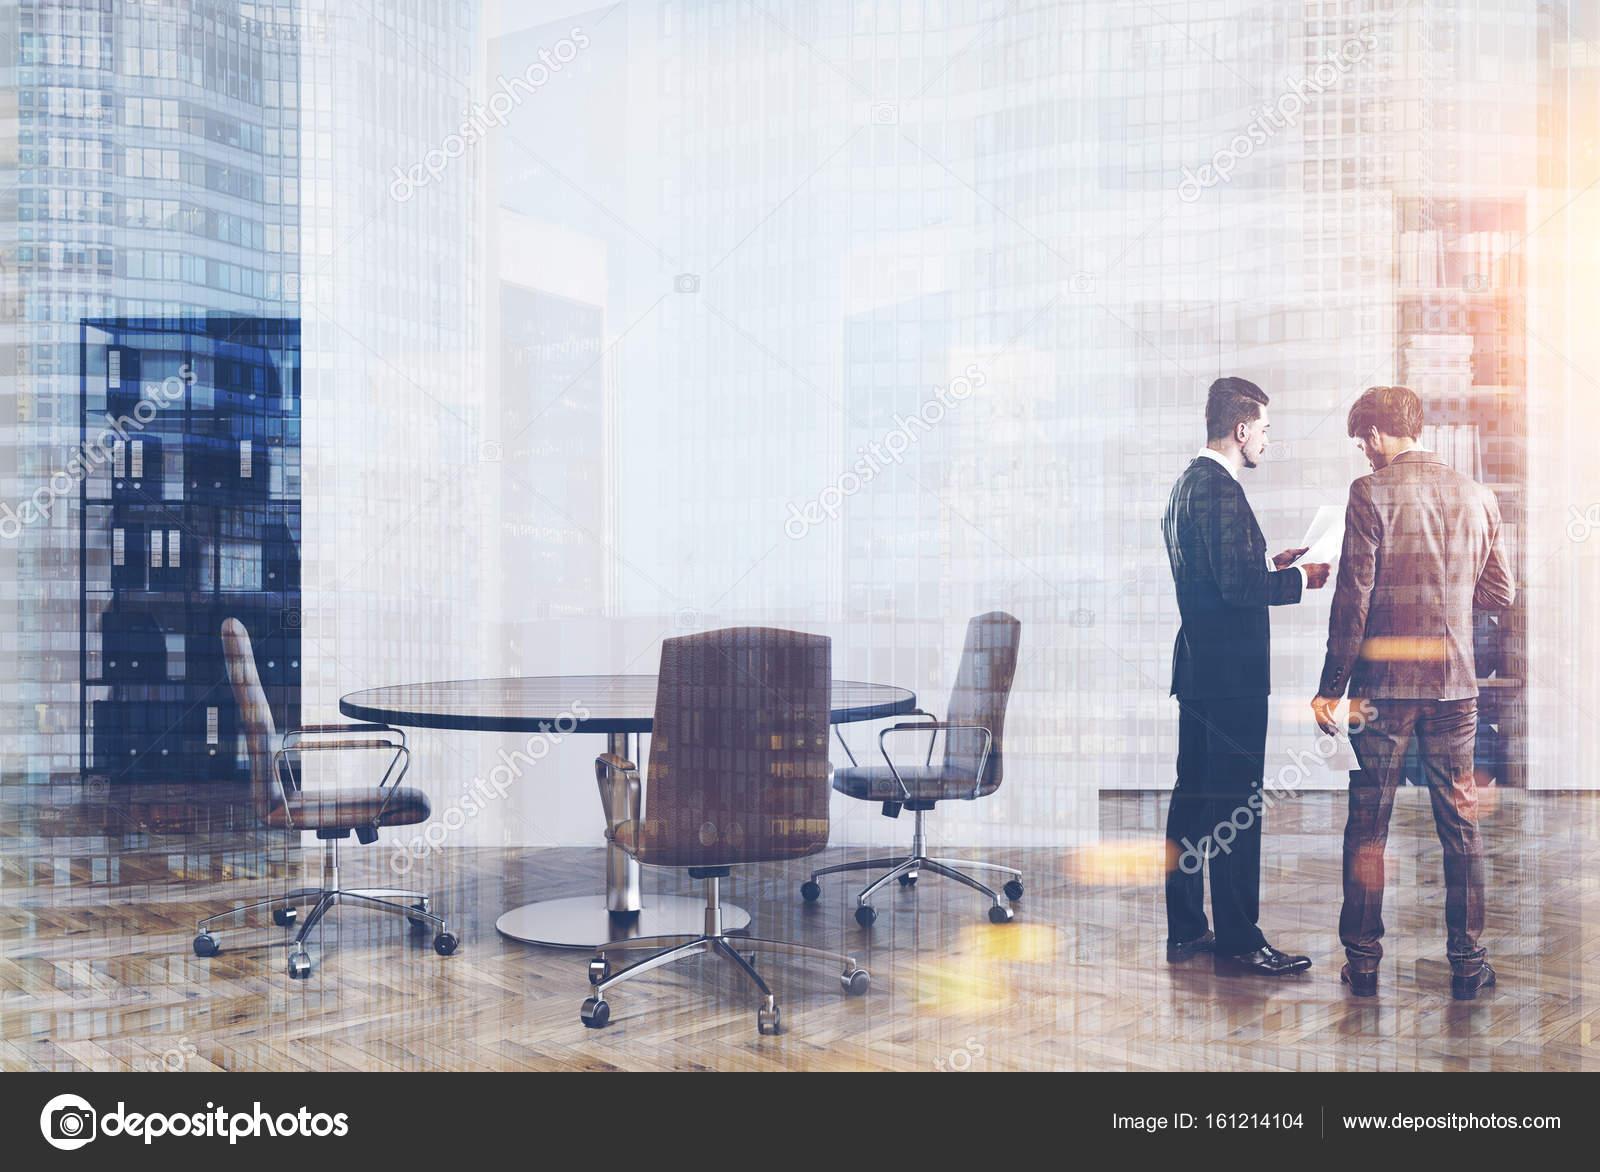 Ufficio Bianco E Legno : Ufficio bianco e legno librerie uomini u foto stock